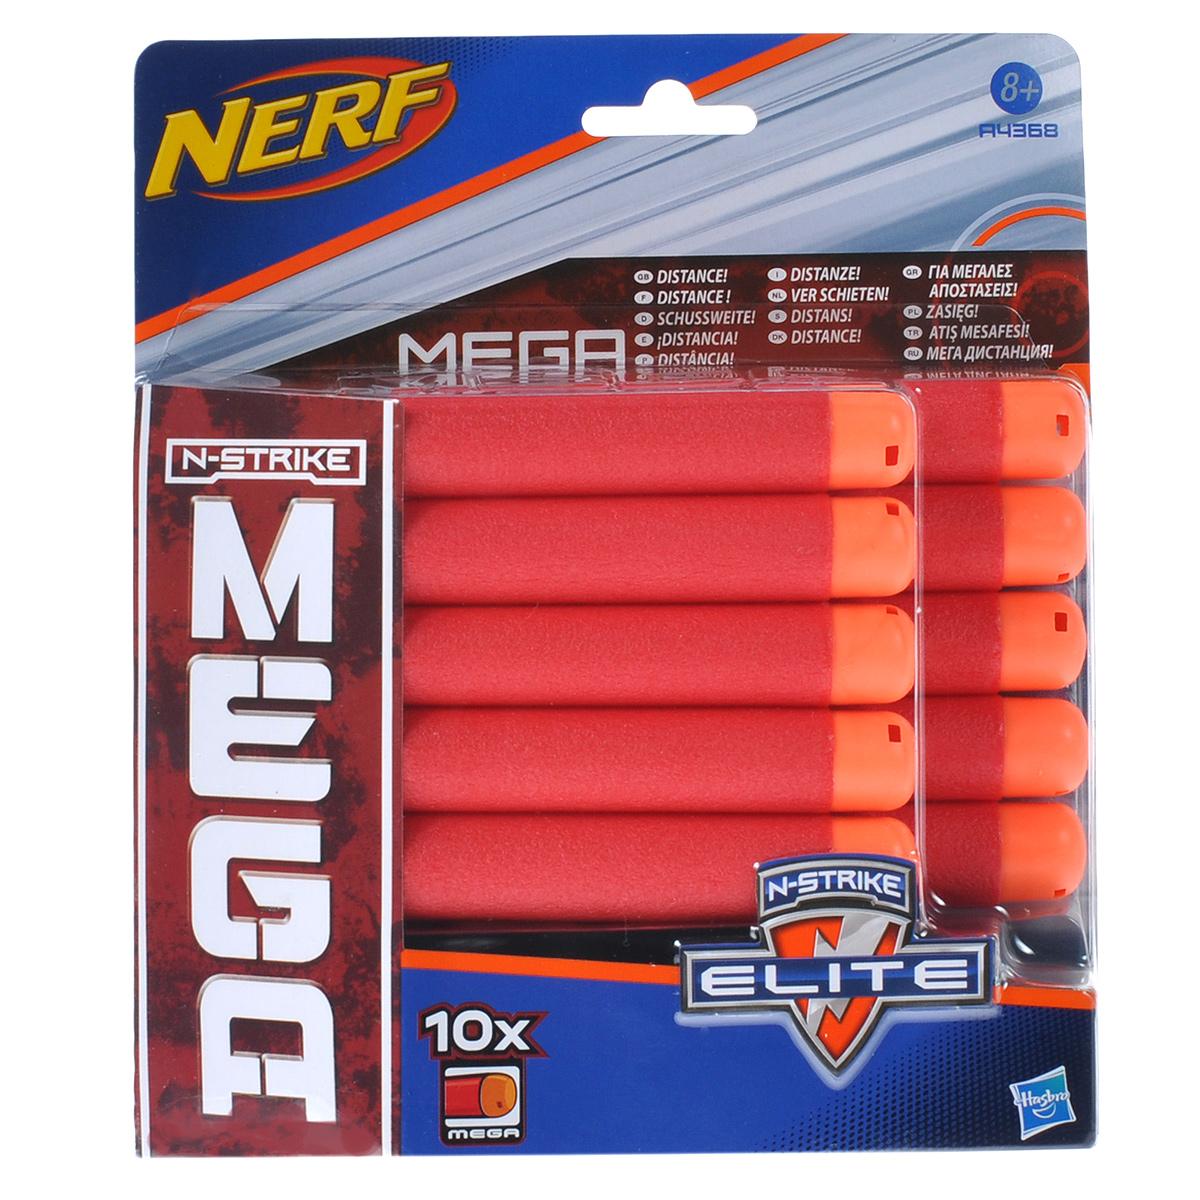 NERF, Набор 10 стрел для бластеровA4368E24Запасные стрелы Nerf подходят для всех бластеров линейки Mega. Они выполнены из гибкого вспененного полимера. В комплекте 10 стрел. Игры с бластером помогут ребенку в развитии меткости, ловкости, координации движений и сноровки.